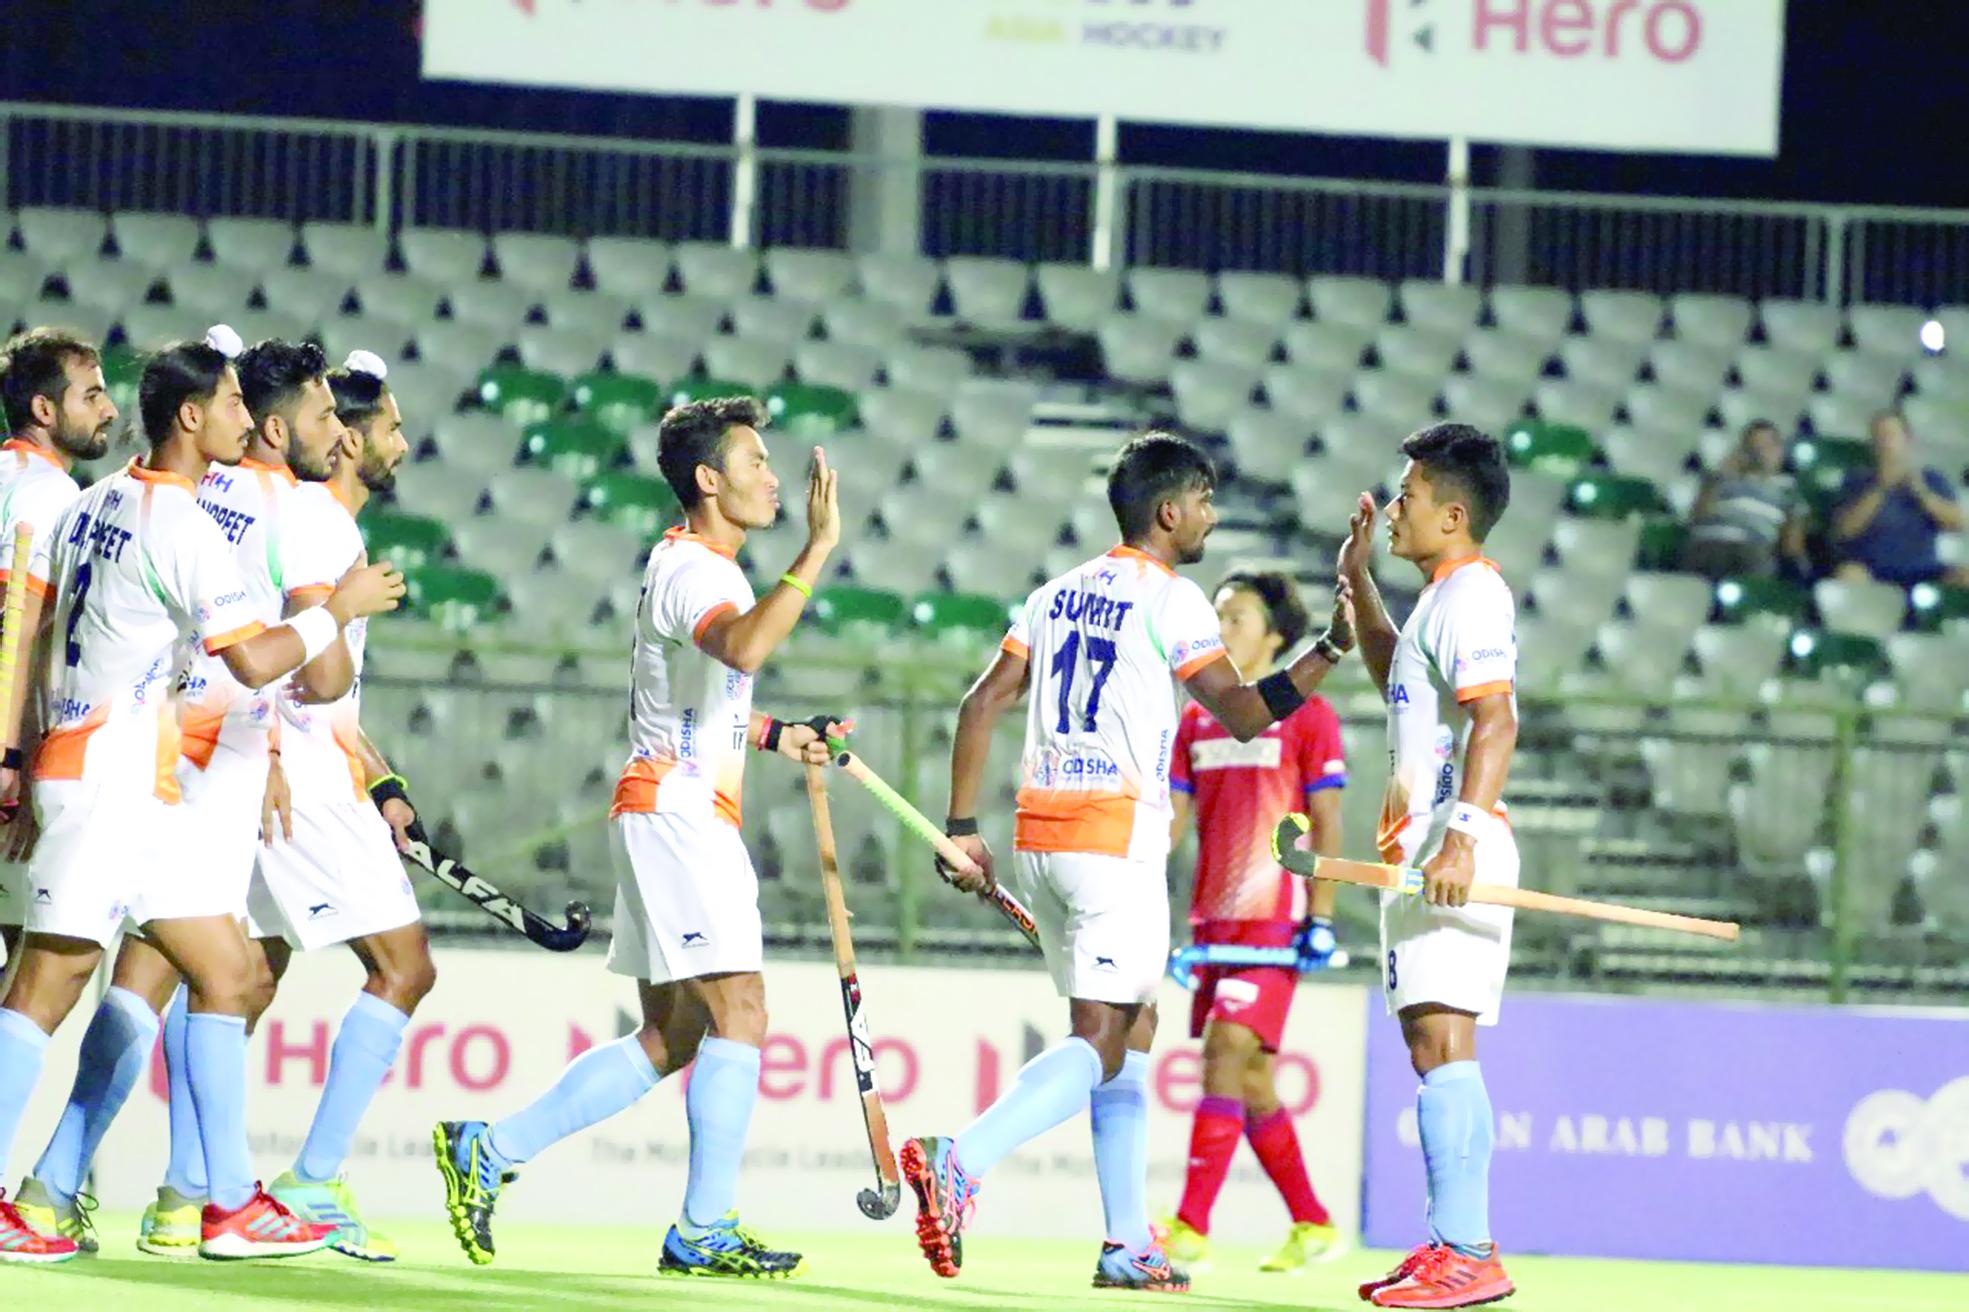 في رابع لقاءاته منتخبنا الوطني يواجه كوريا الجنوبية في بطولة كأس أبطال النخبة الآسيويةالمنتخب الهندي يمسك بالصدارة ويتغلب على بطل الألعاب الآسيوية بالتسعة